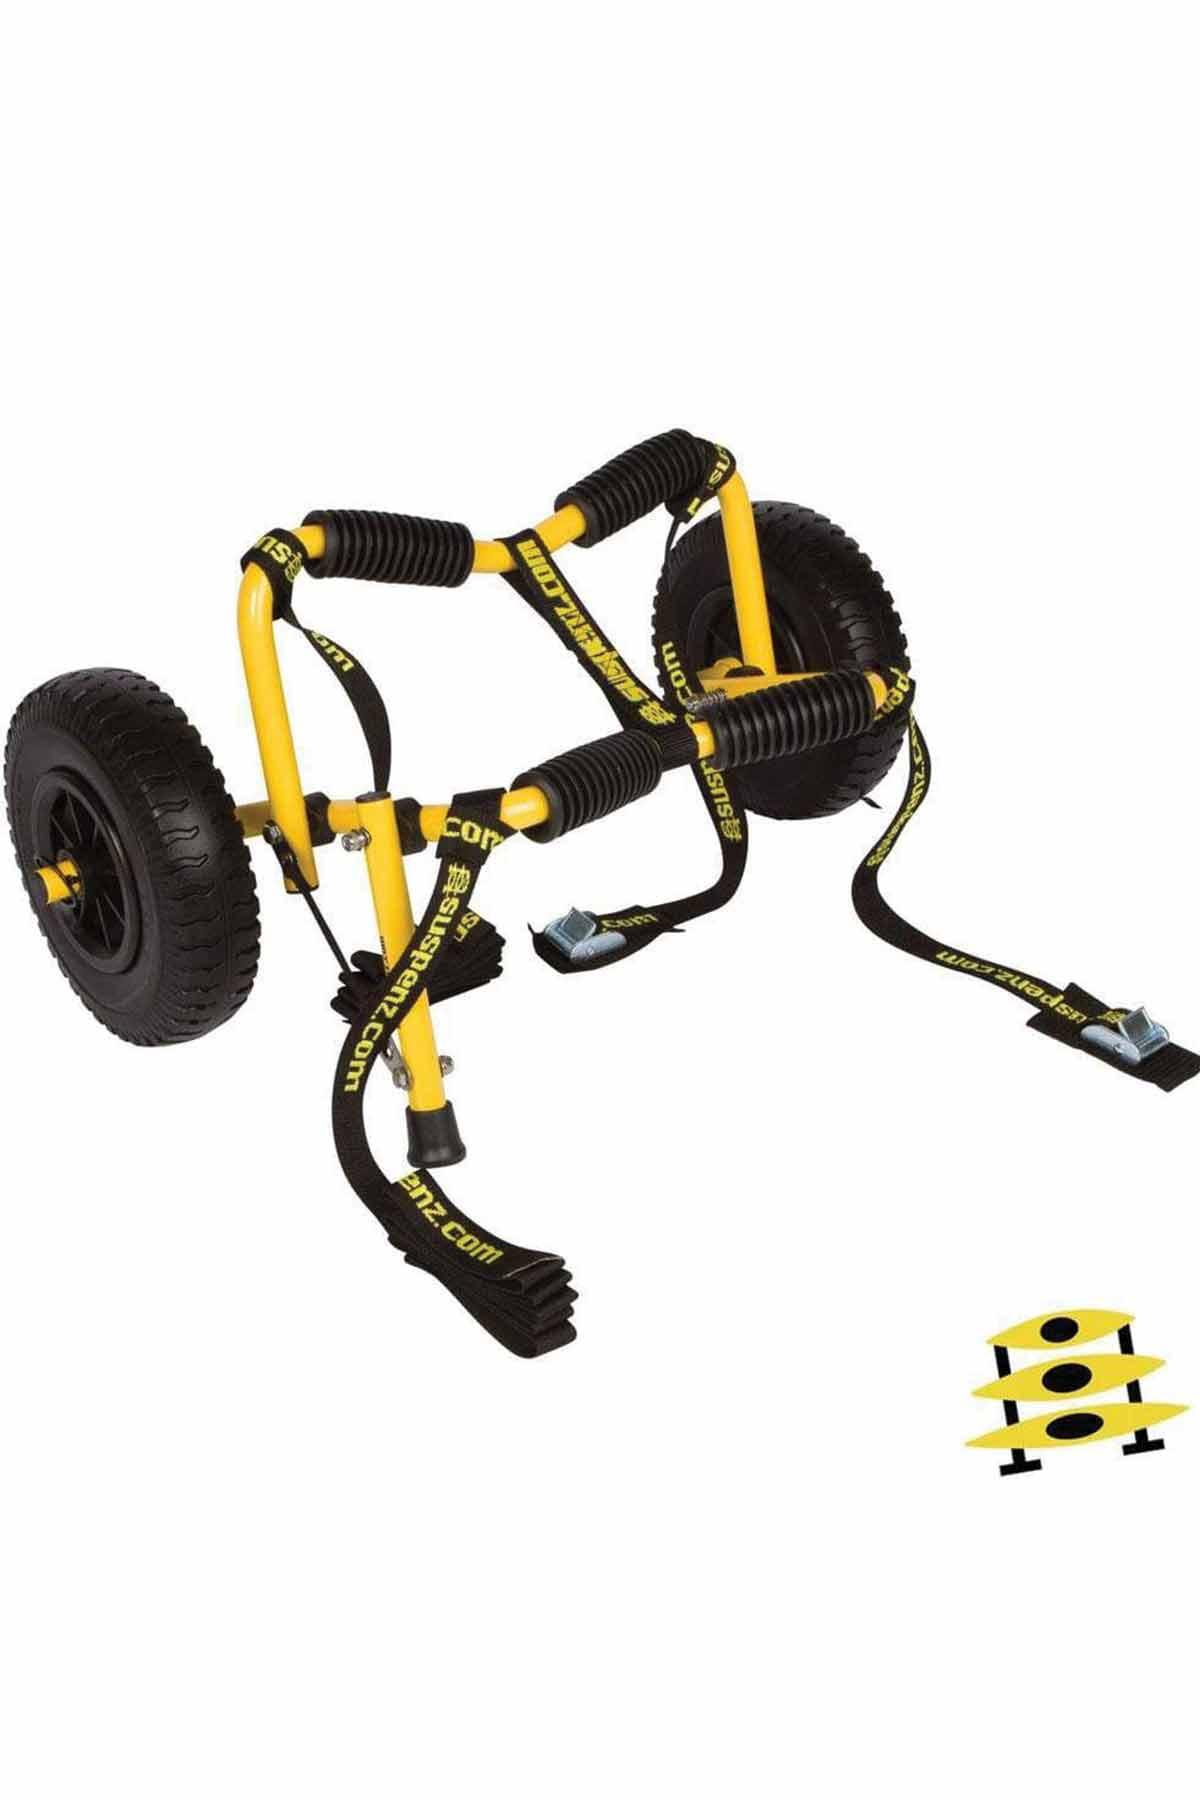 Suspenz SK Cart